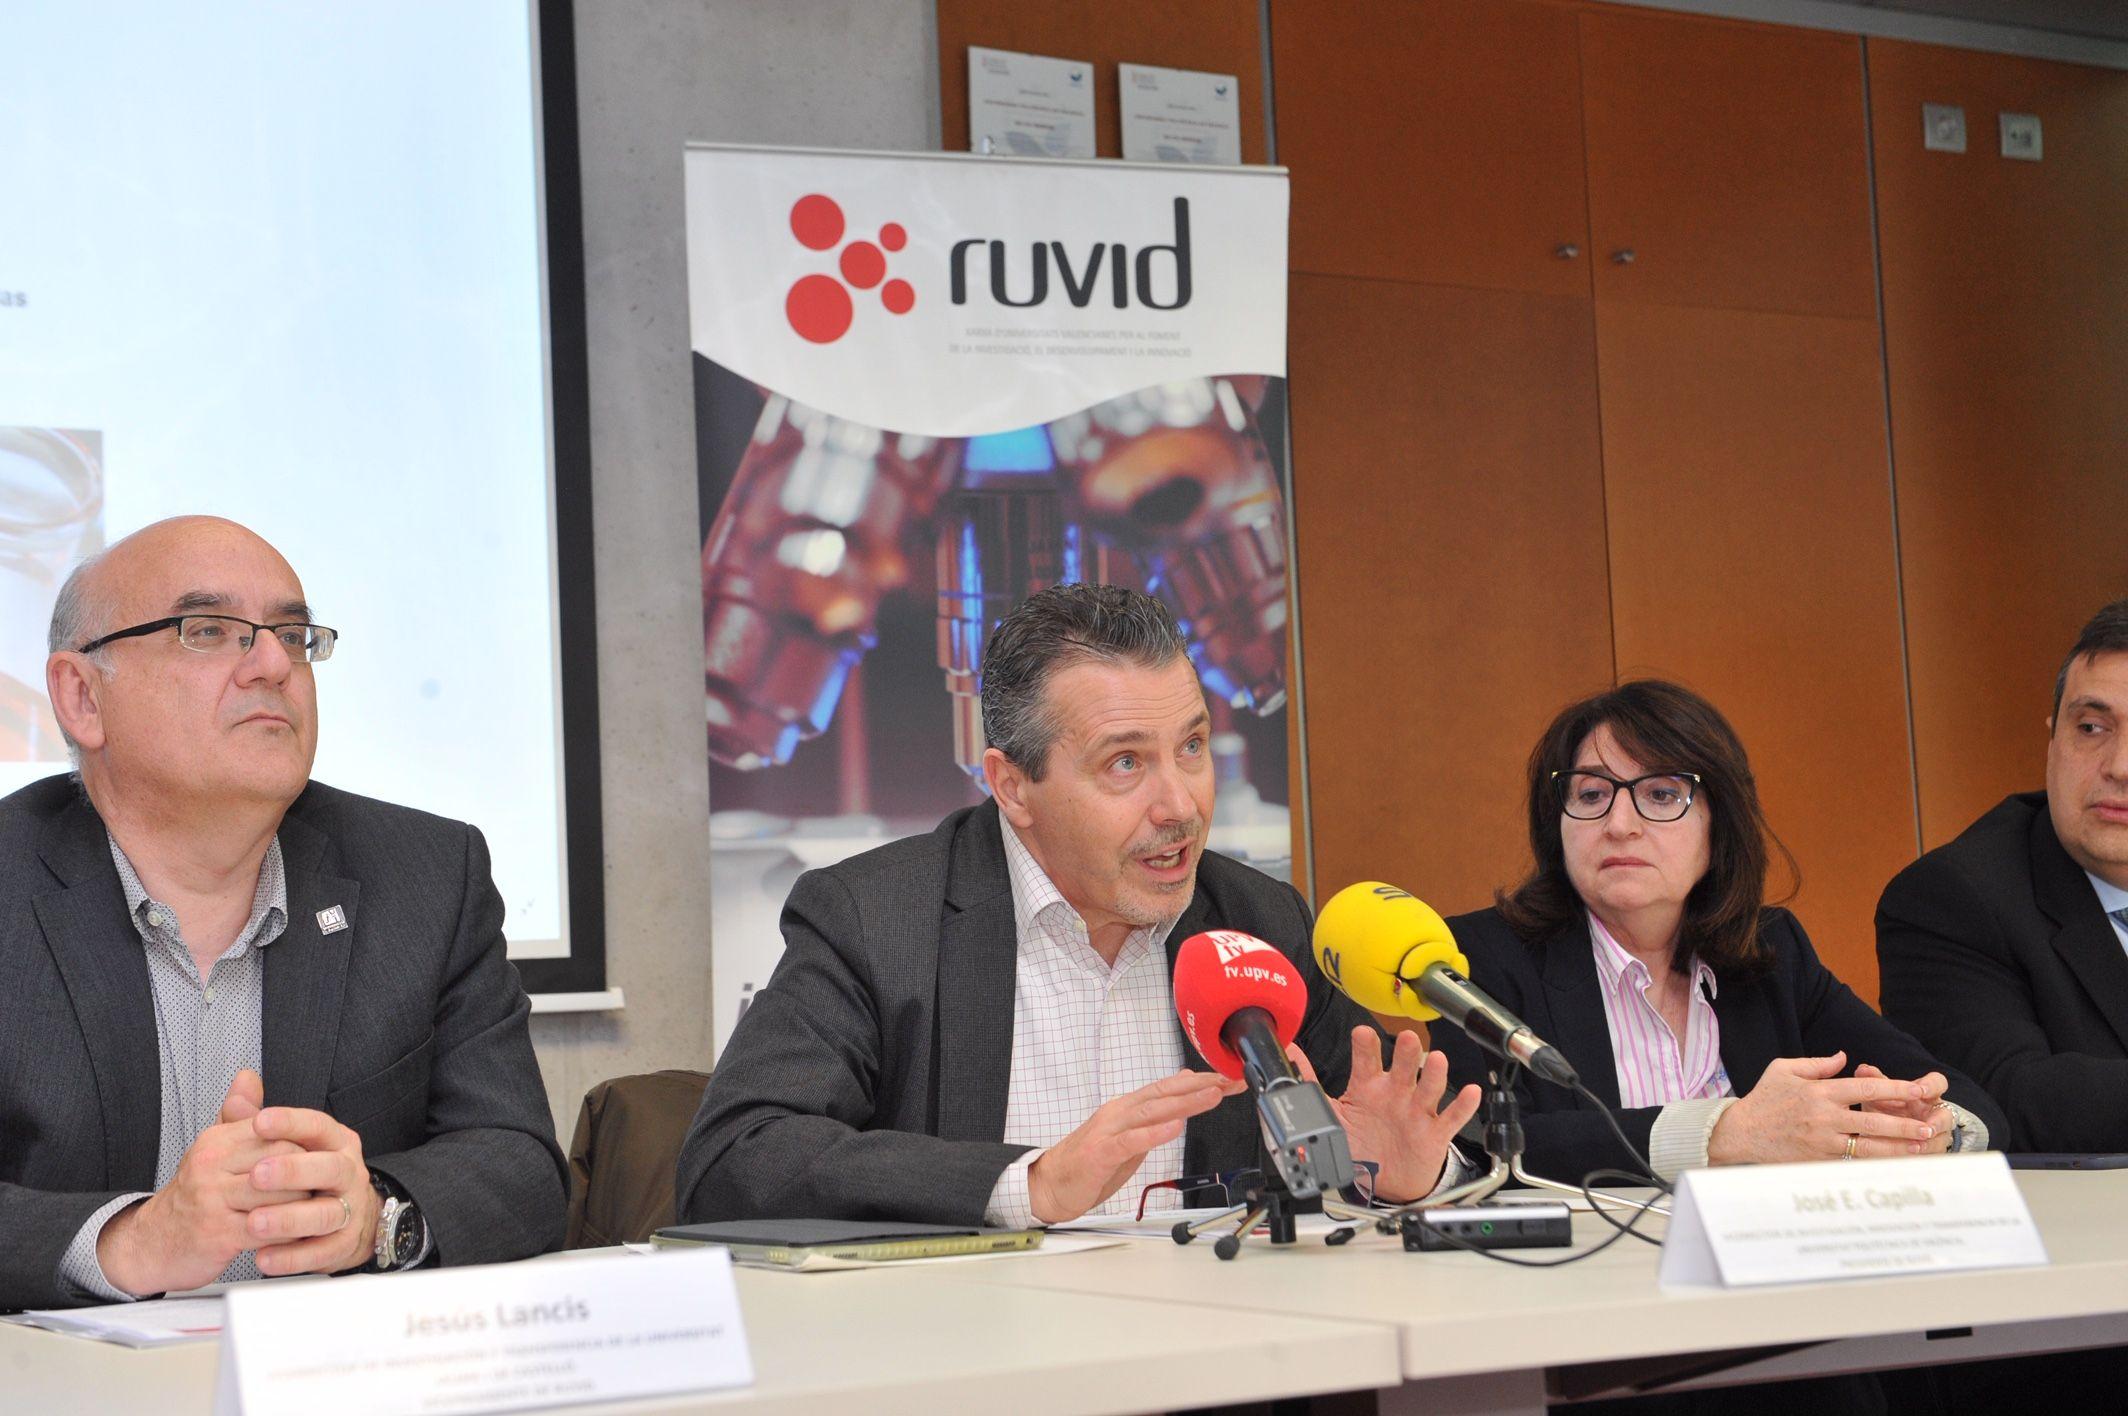 Presentación del documento sobre la I+D valenciana de RUVID. Foto: UPV.